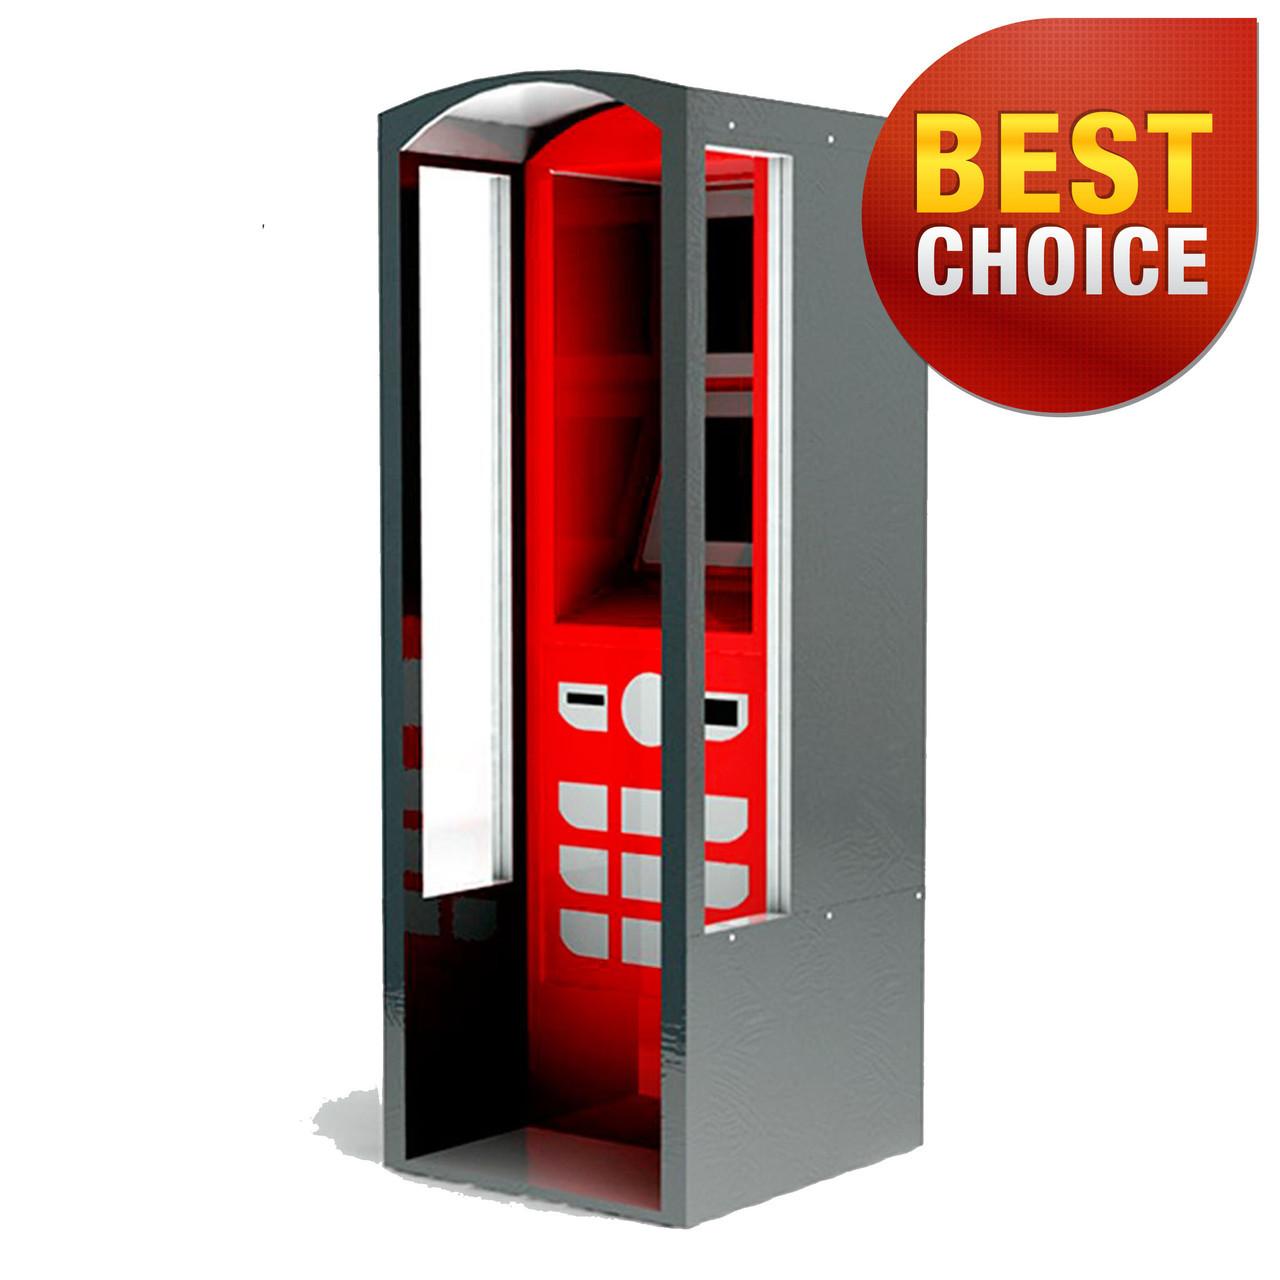 Терминал оплаты уличный ПТ-5 «Телефонная будка»